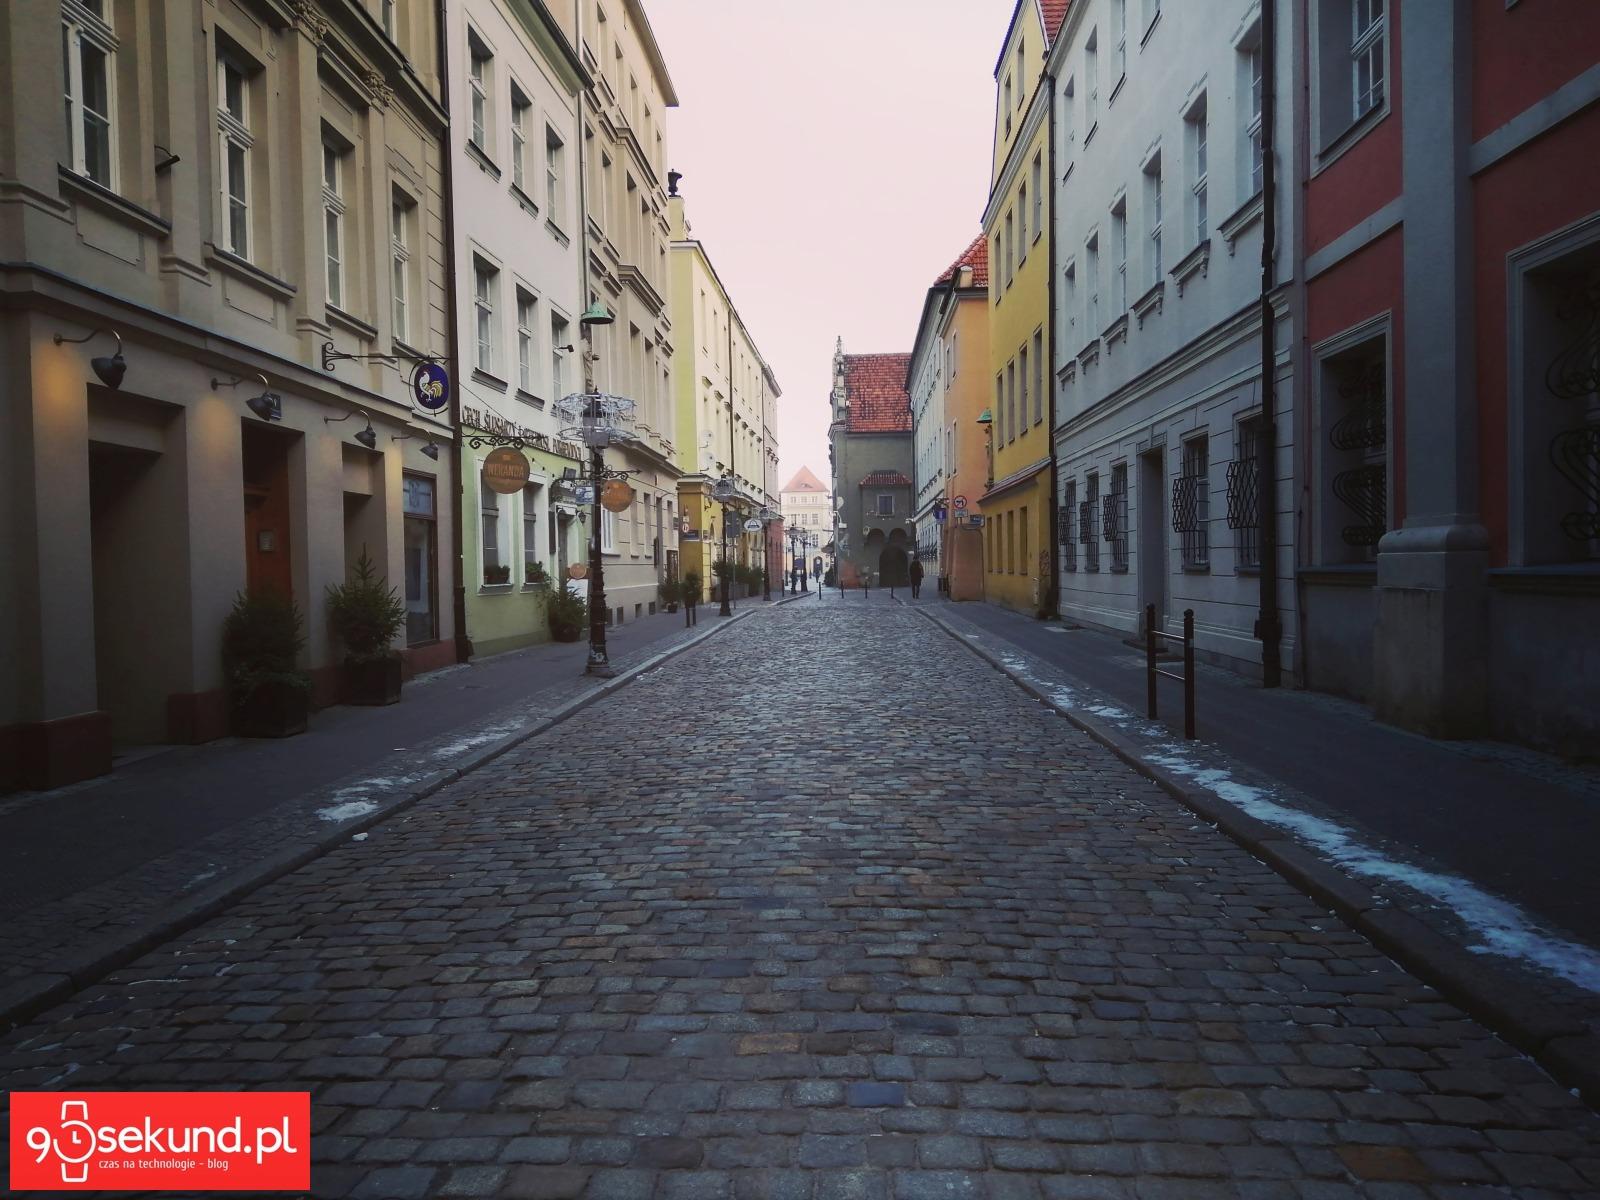 Zdjęcie z Huawei P smart 2019 - Michał Brożyński 90sekund.pl